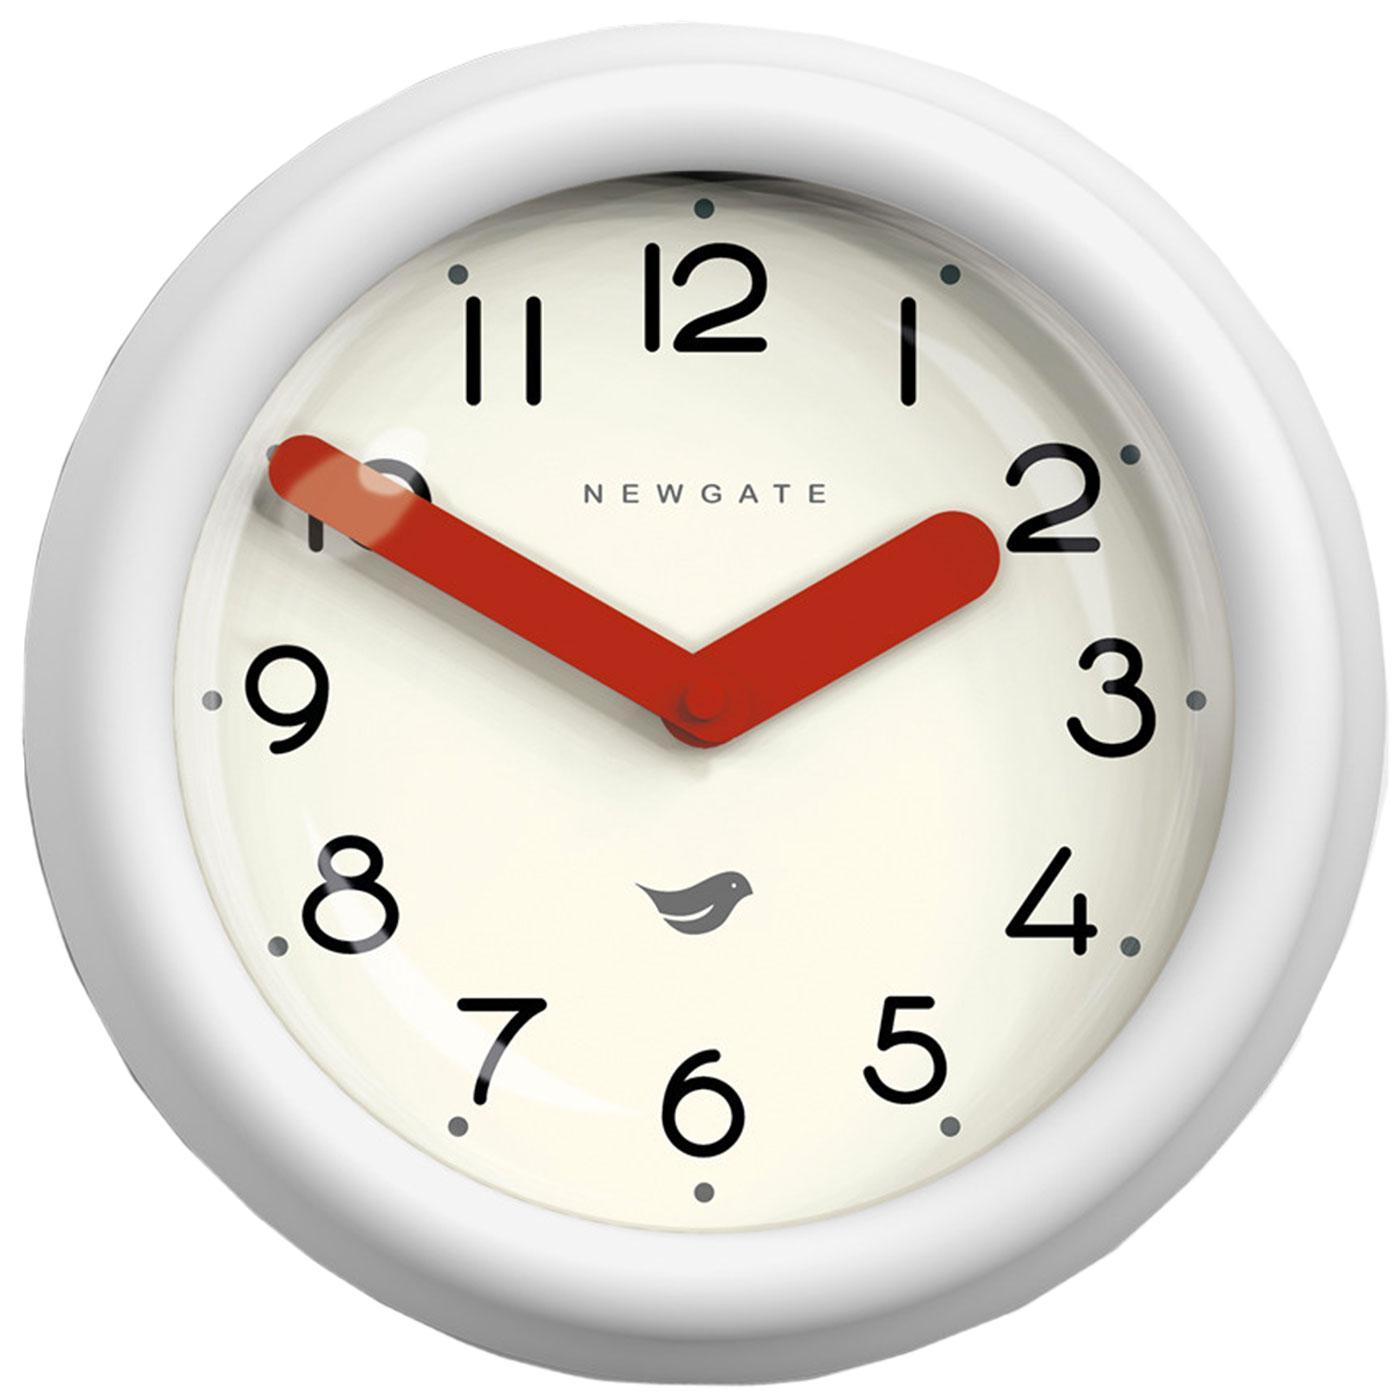 Pantry NEWGATE CLOCKS Retro Wall Clock in White